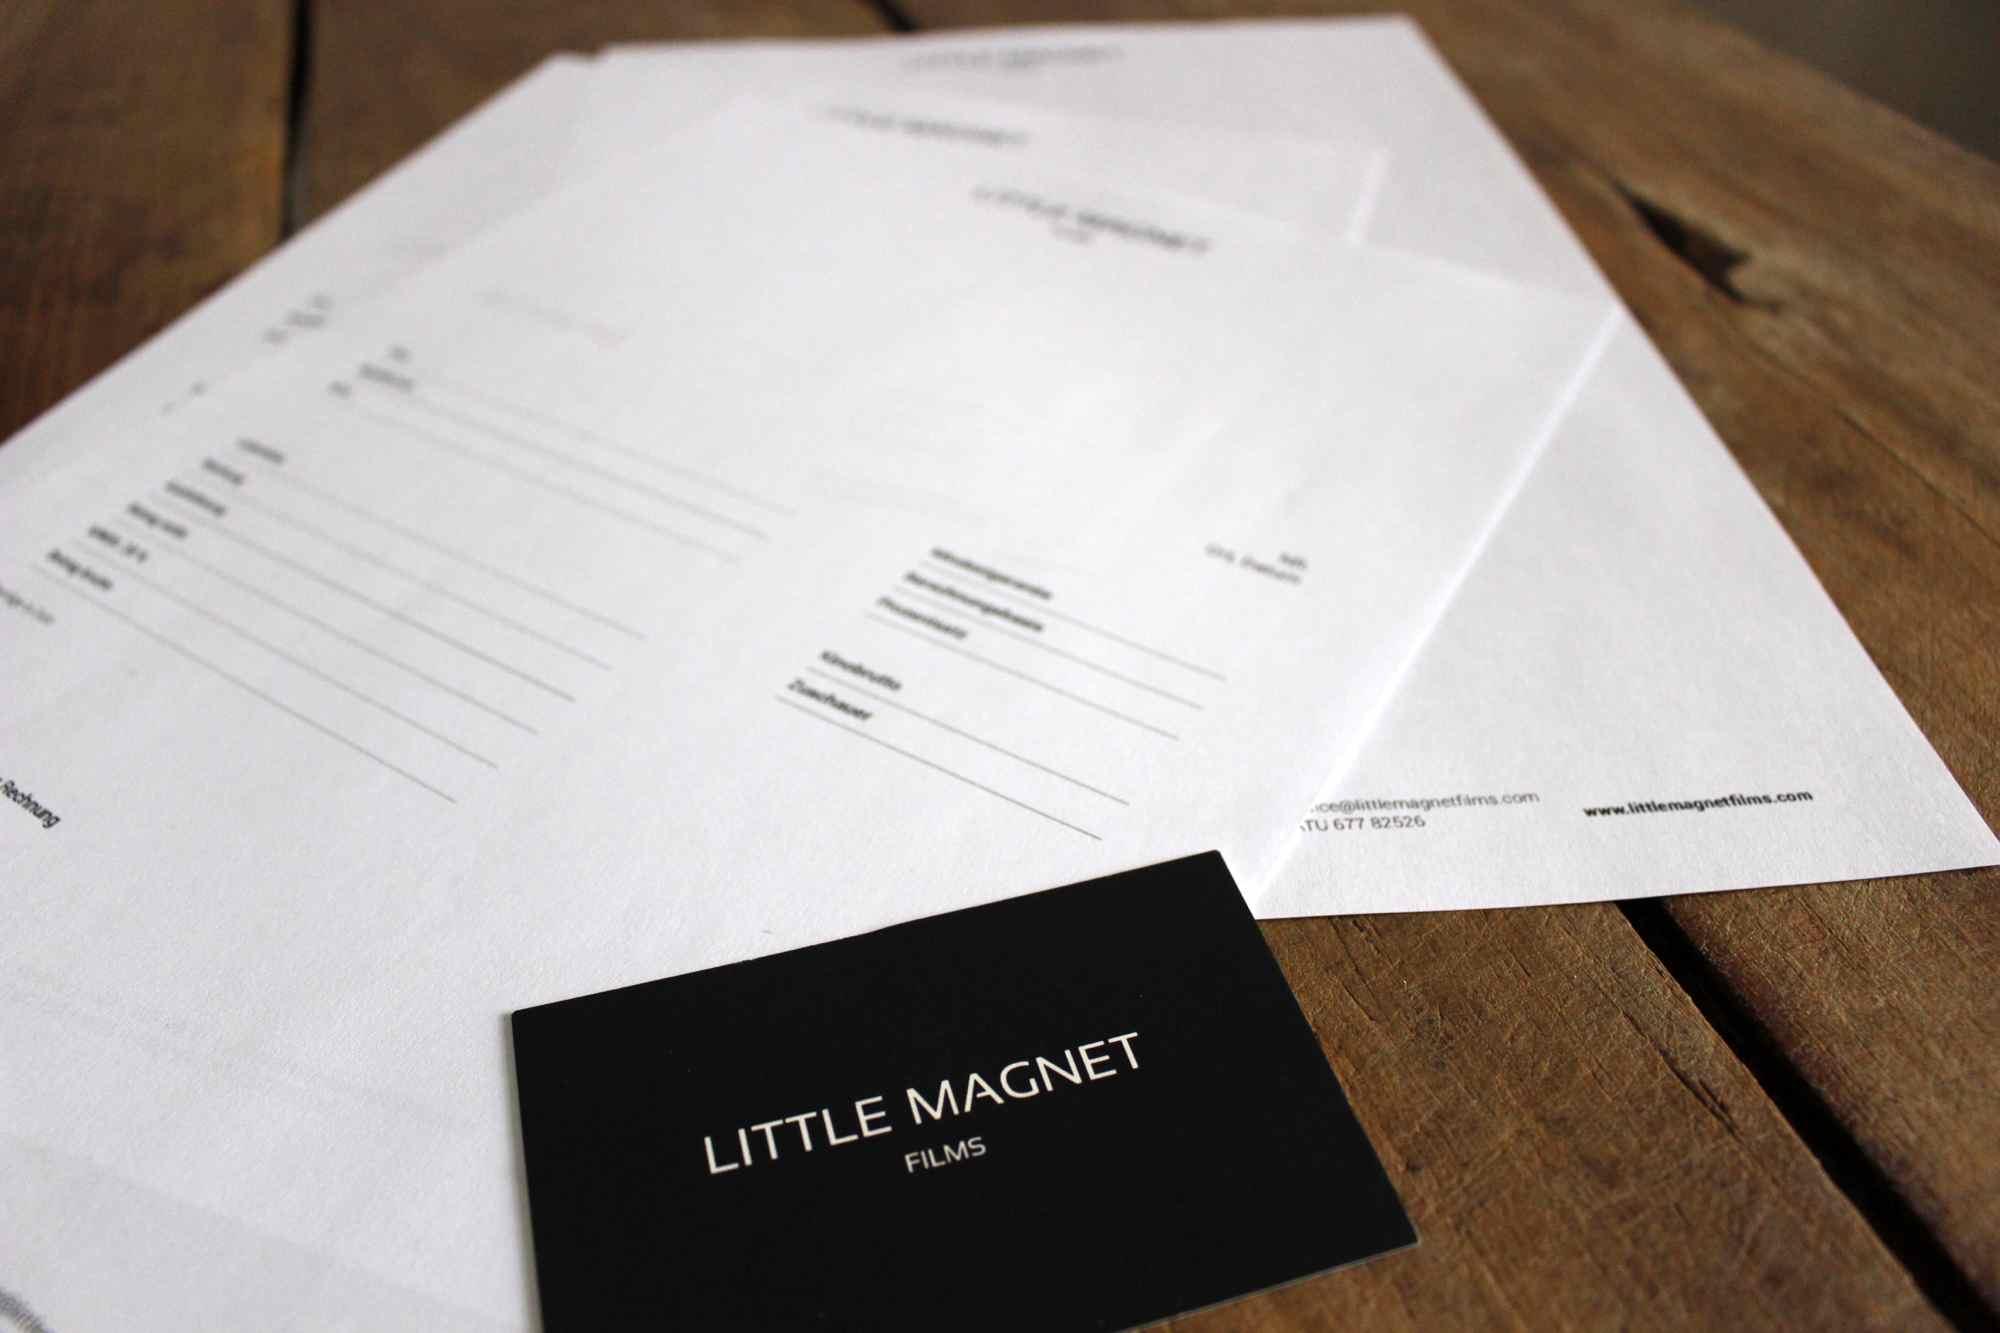 Geschäftsausstattung für Little Magnet Films